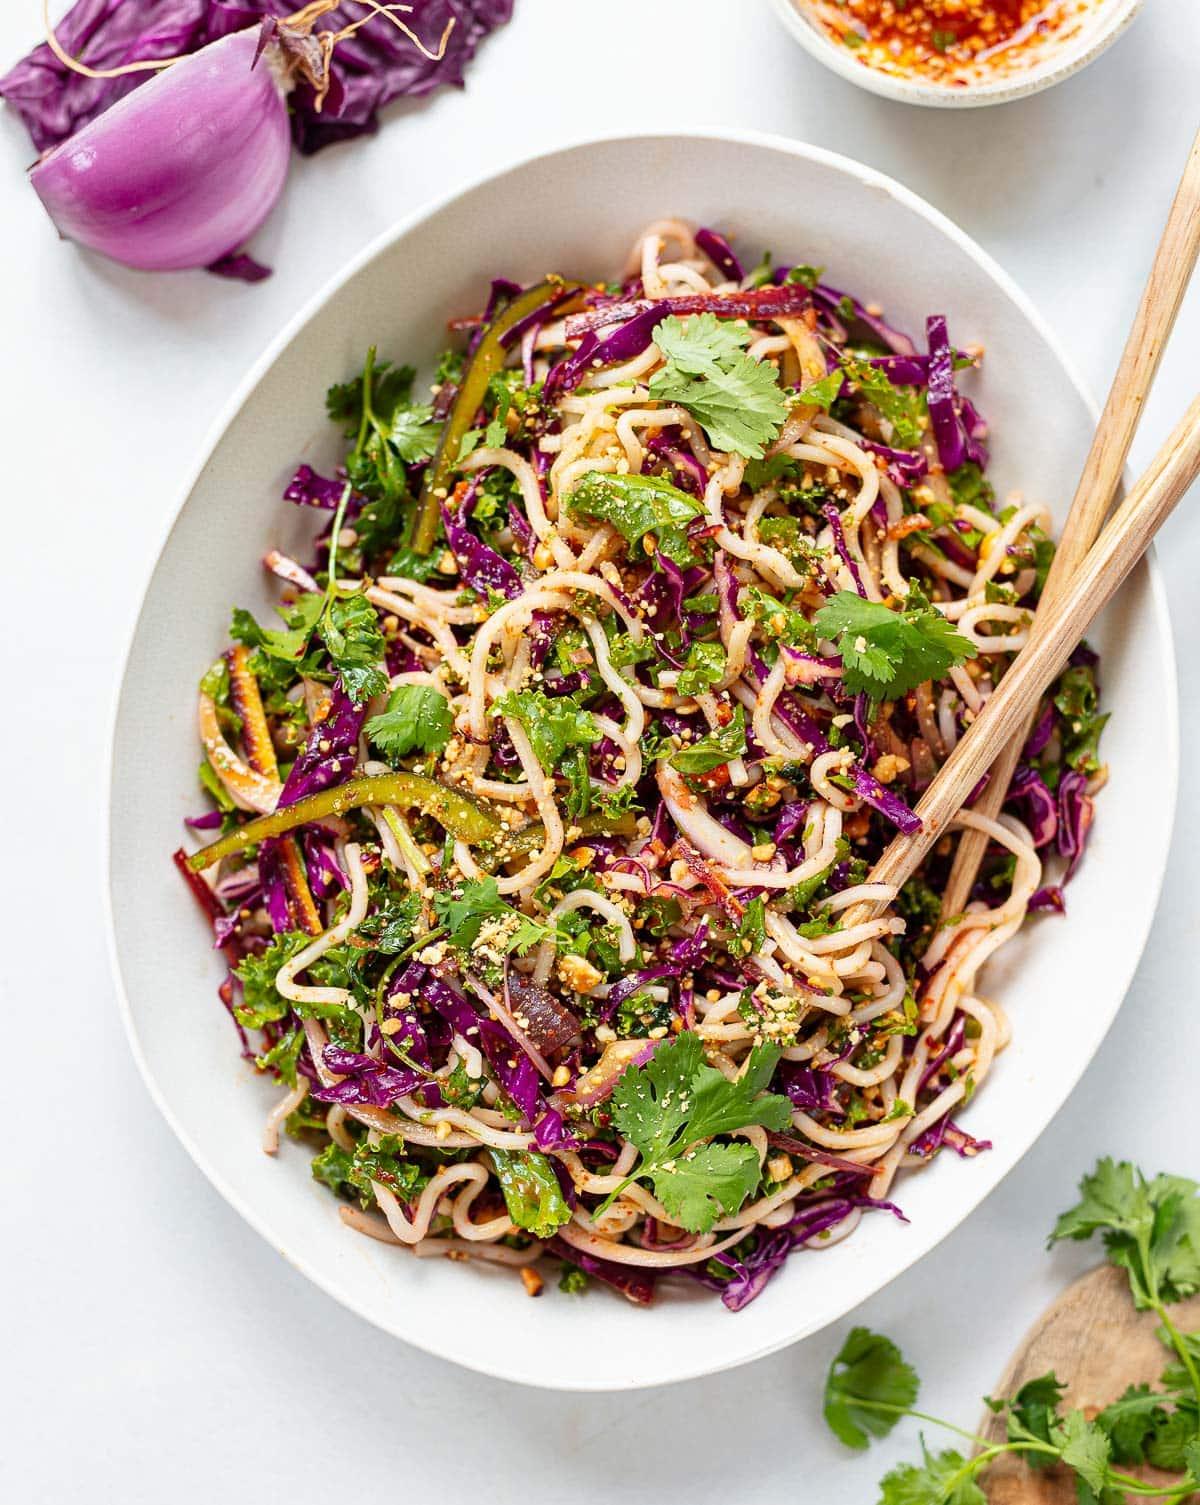 Peanut-Lime Thai Noodle Salad